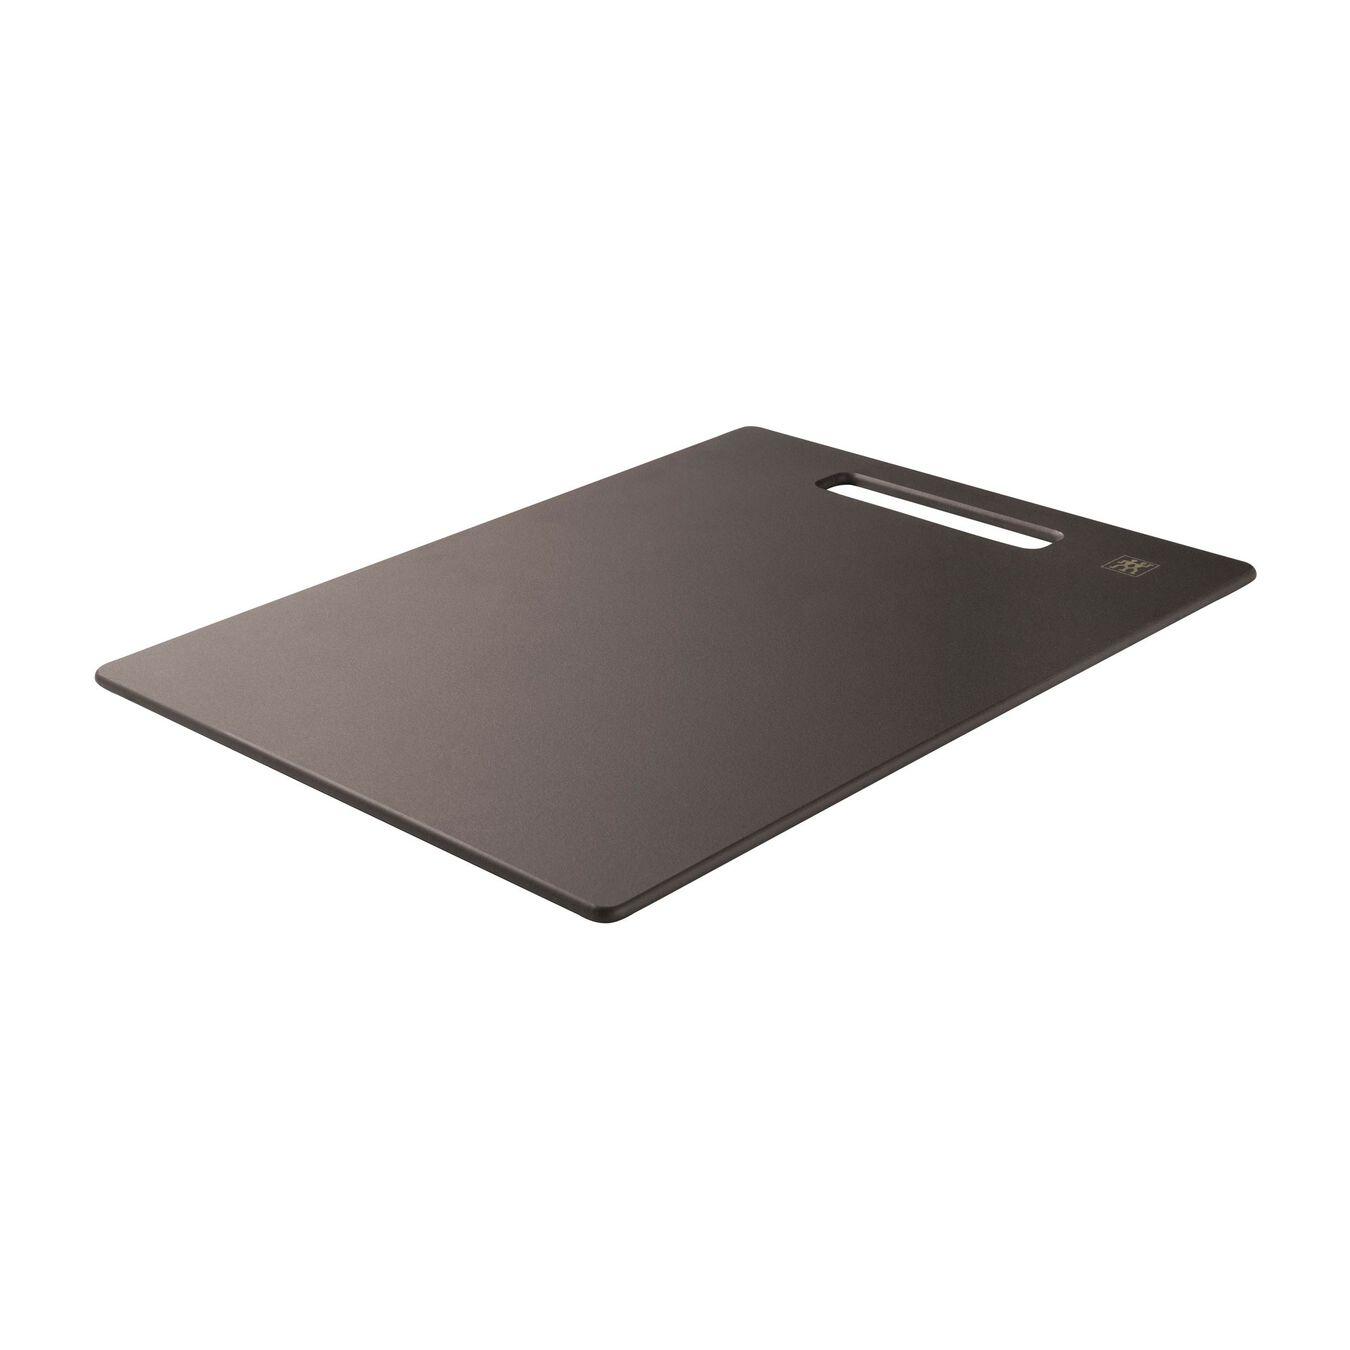 Cutting board 45 cm x 33 cm,,large 3